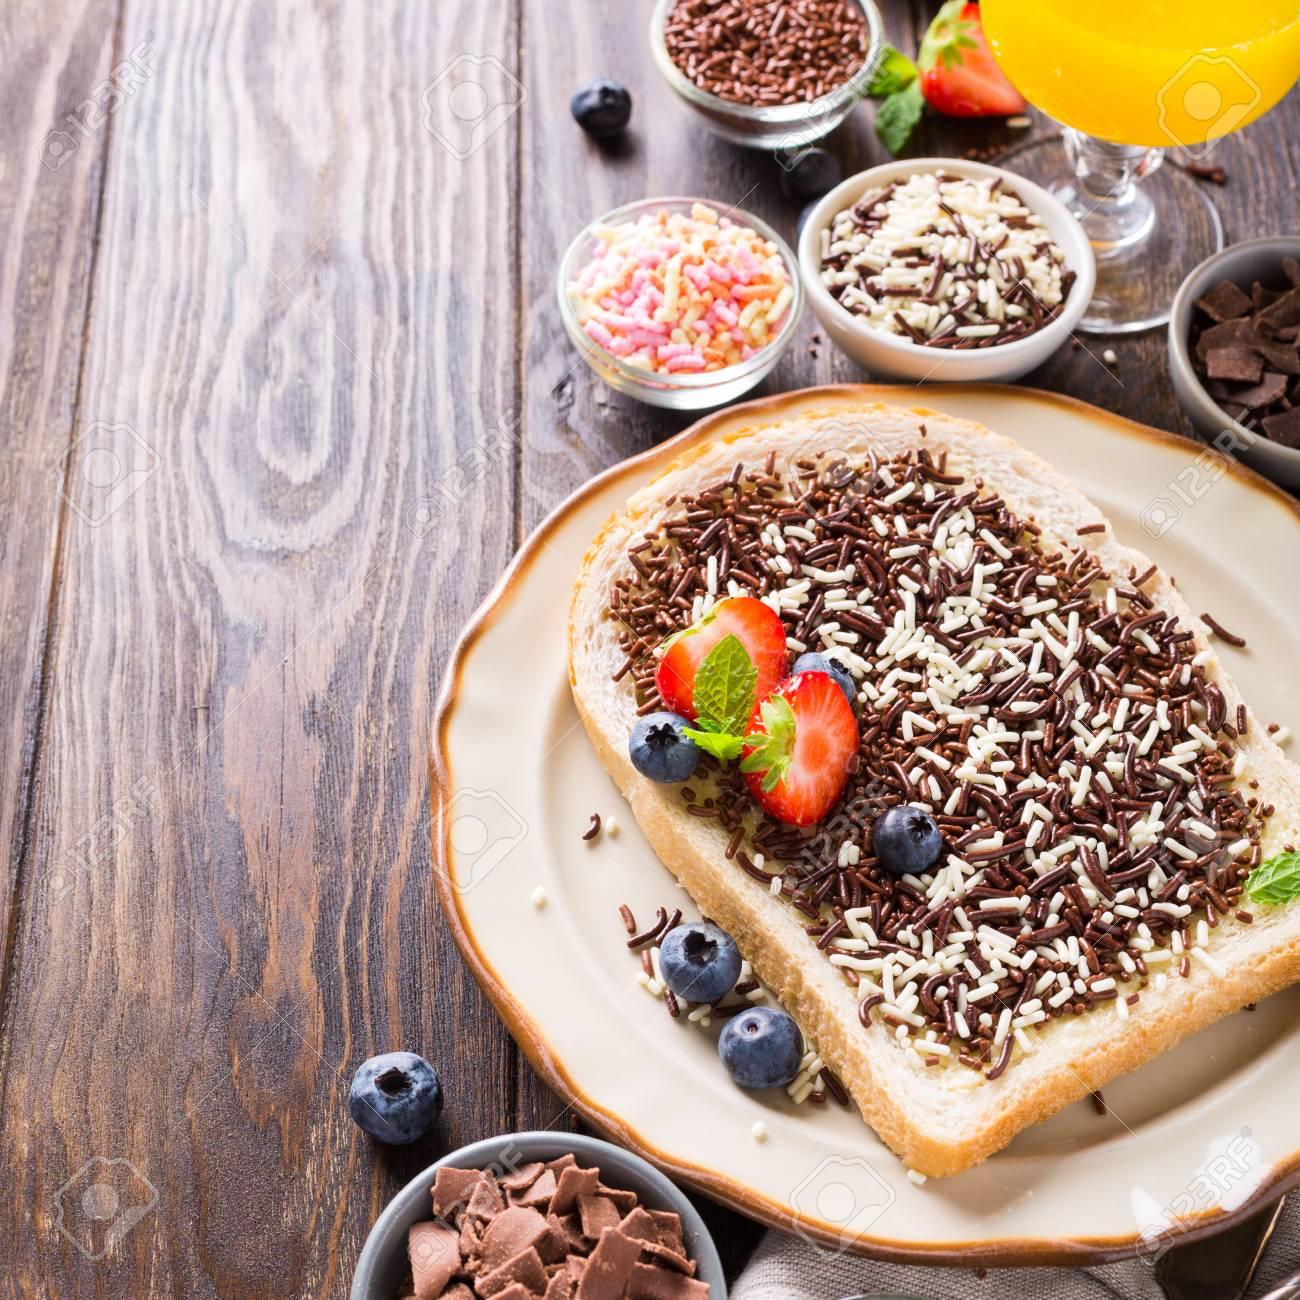 Banque d images - Petit déjeuner hollandais, tranche de pain avec des  pépites de chocolat hagelslag et des baies. Copiez l espace. a3300492ab5b